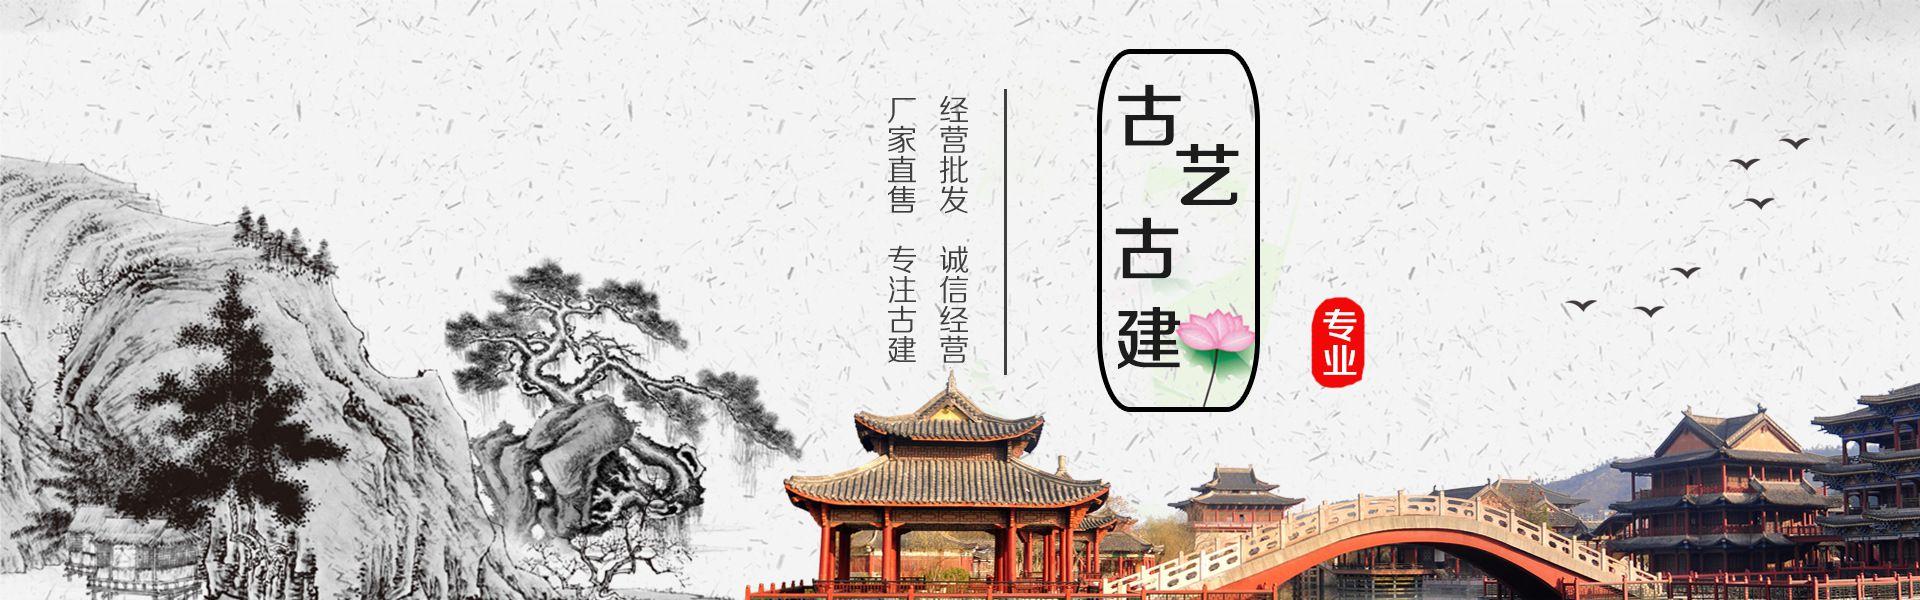 苏州古艺古建园林工程有限公司